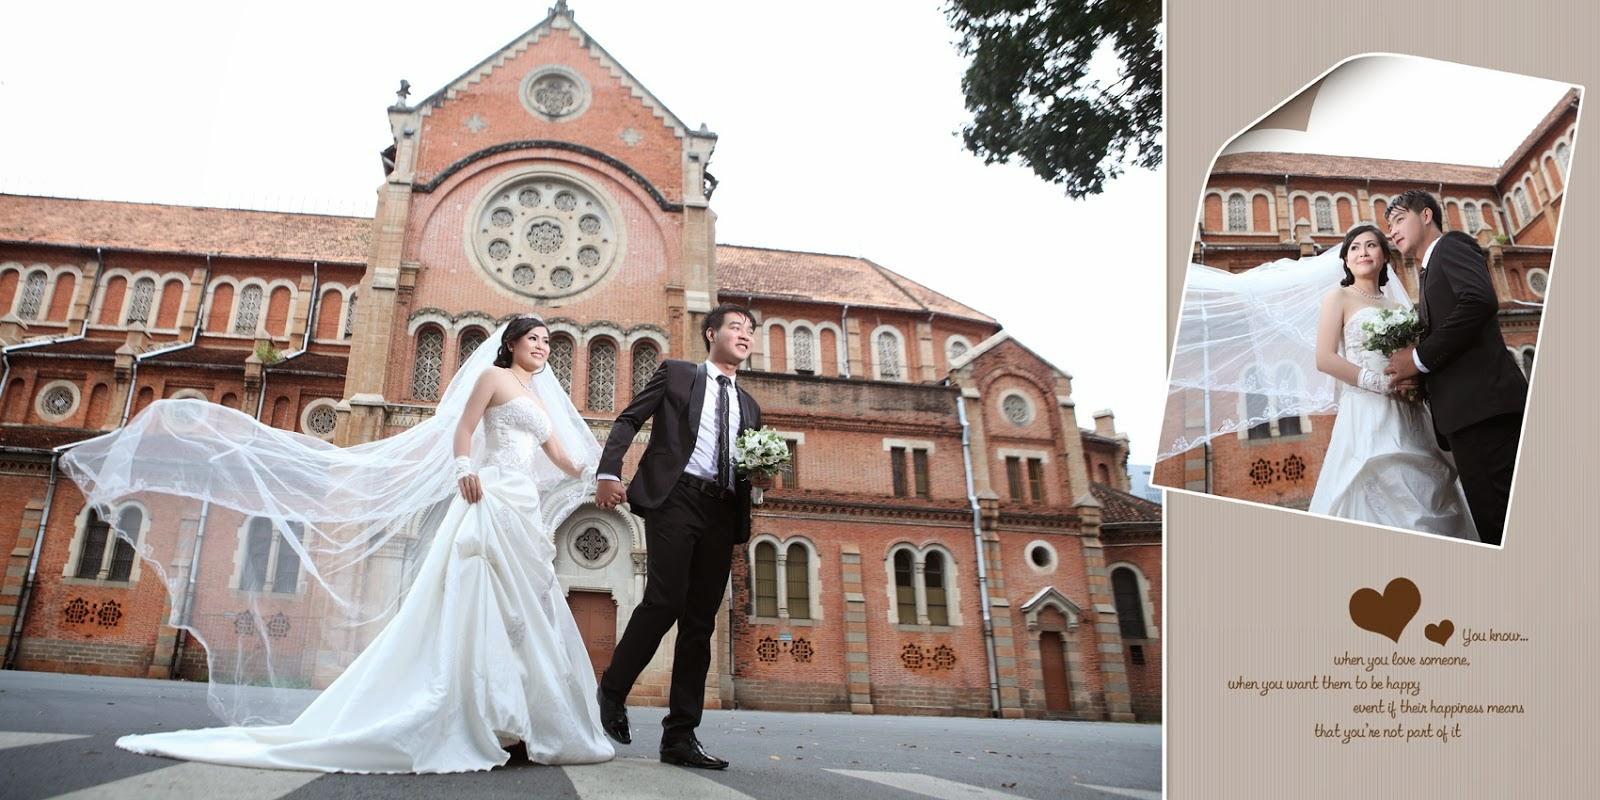 Một số địa điểm chụp ảnh cưới đẹp, giá rẻ ở Sài Gòn